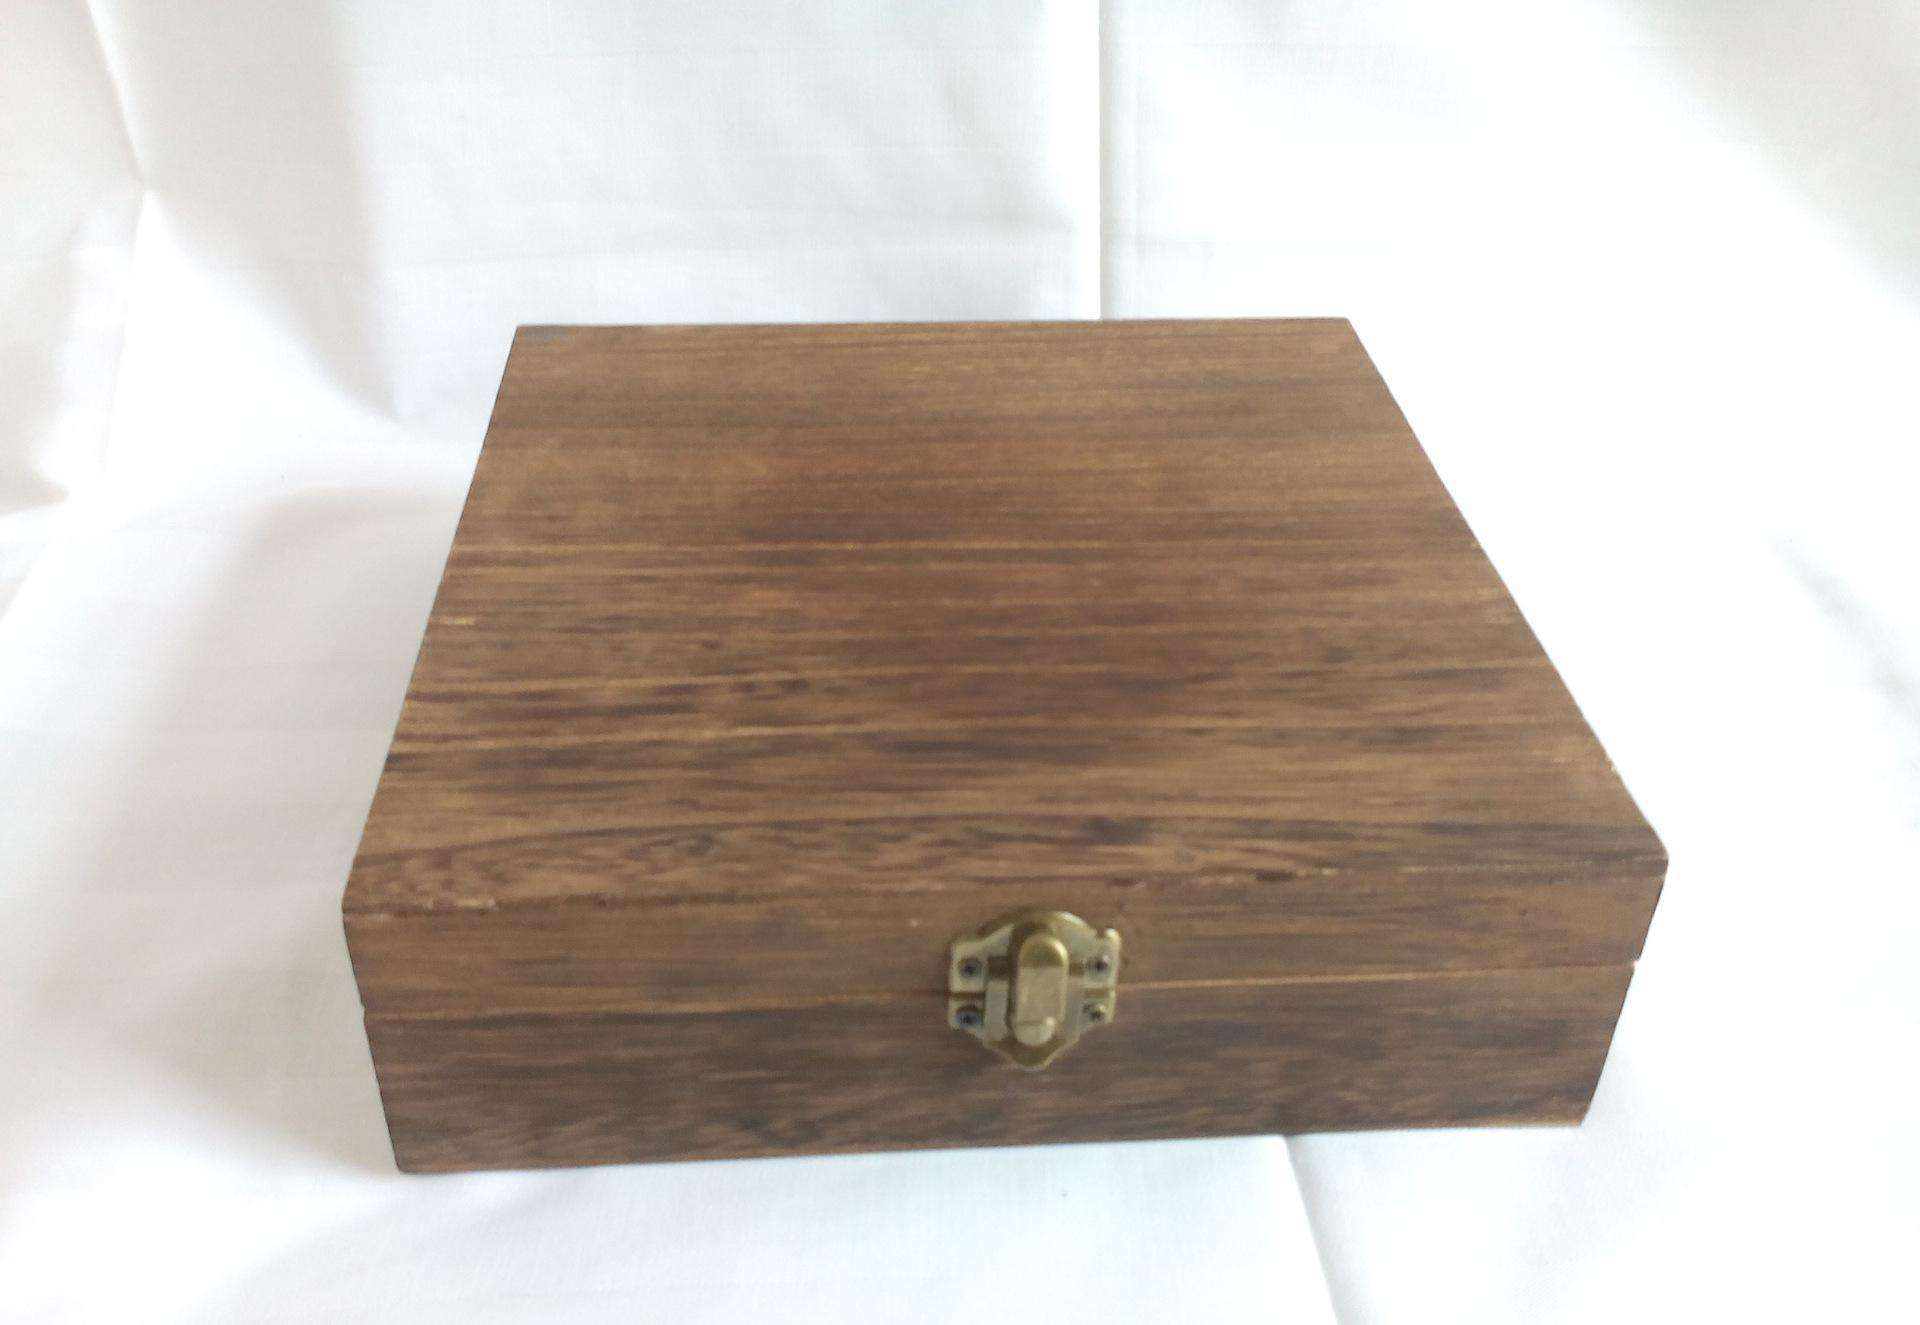 实木包装盒厂,实木包装盒加工,实木包装盒